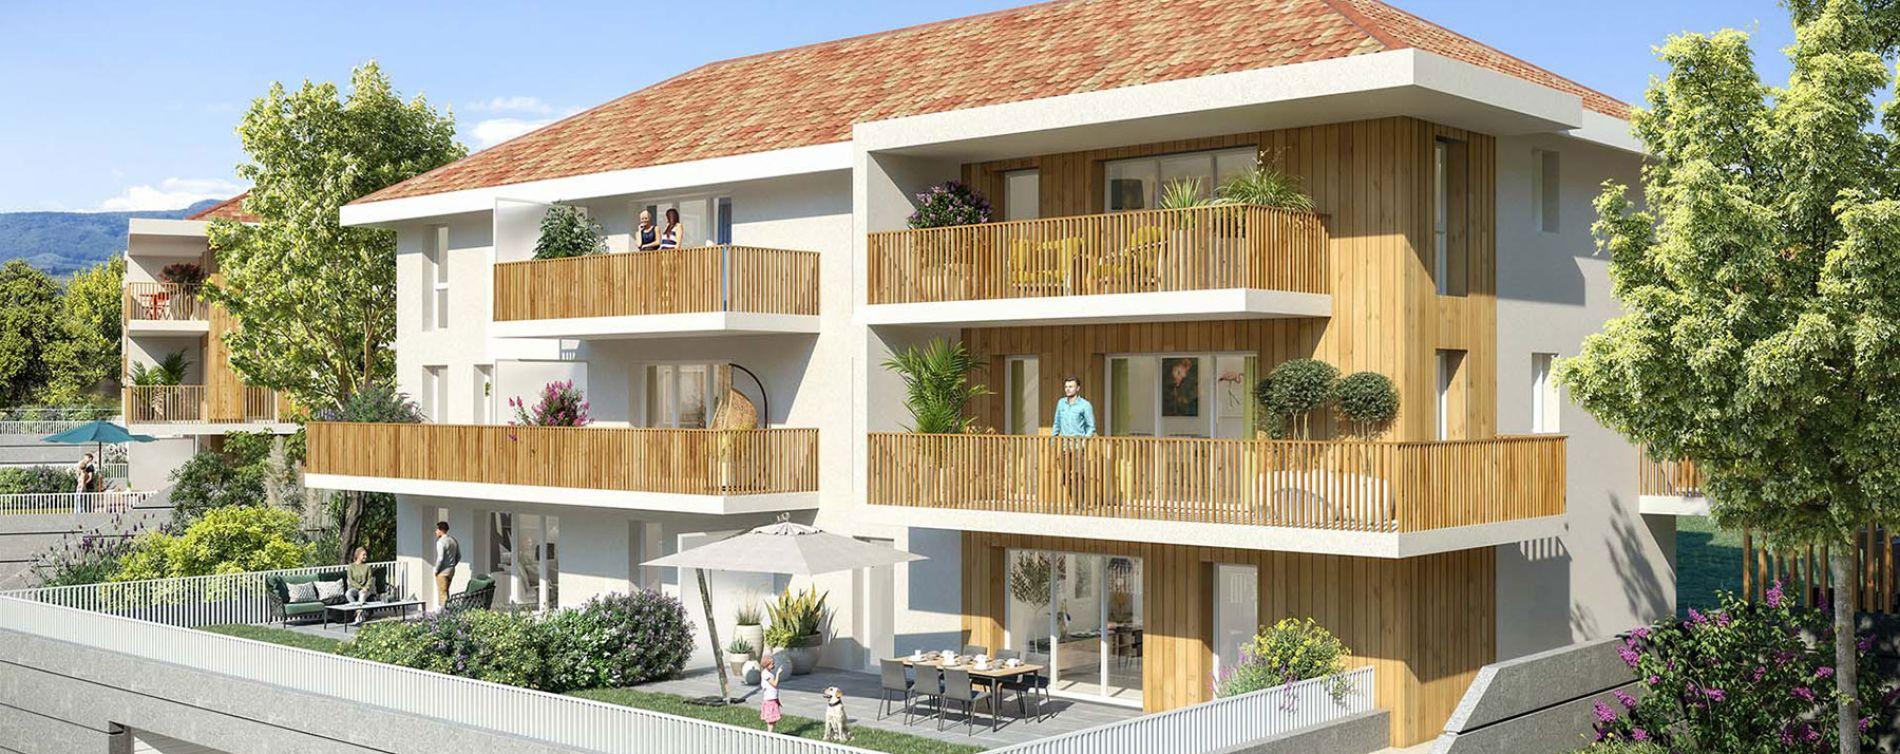 Marigny-Saint-Marcel : programme immobilier neuve « La Clé des Champs » (2)